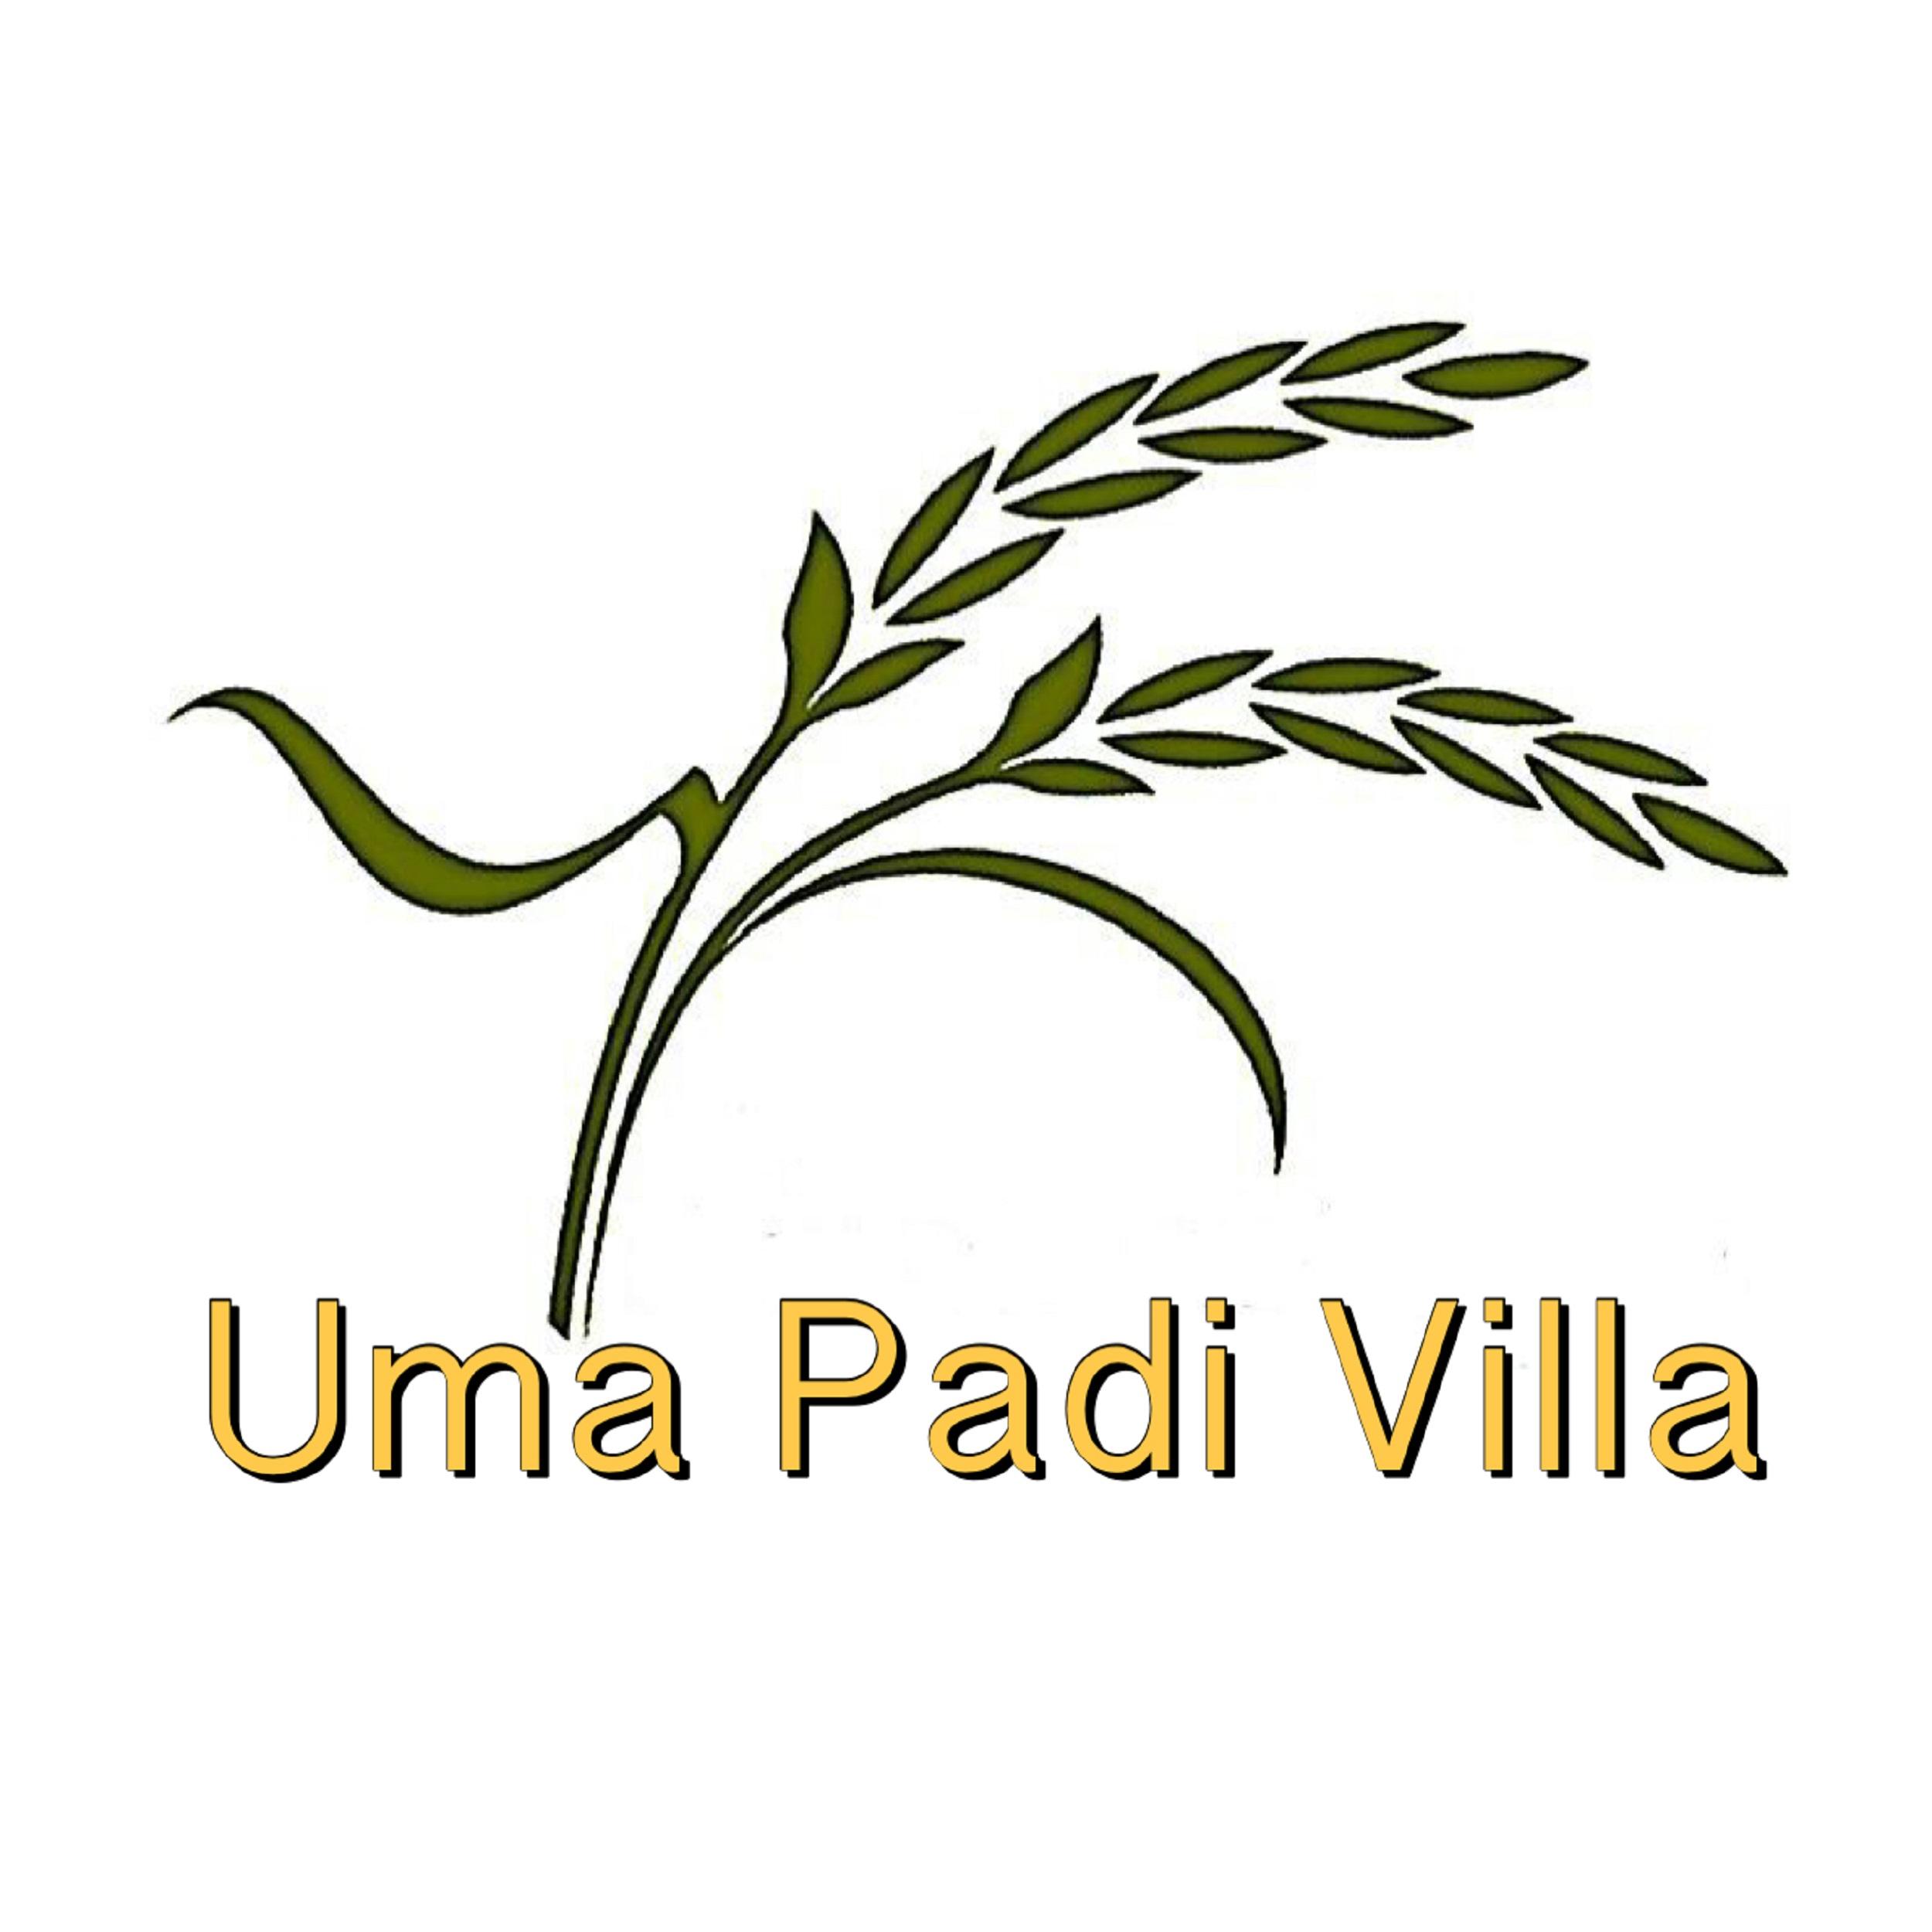 Uma Padi Villa